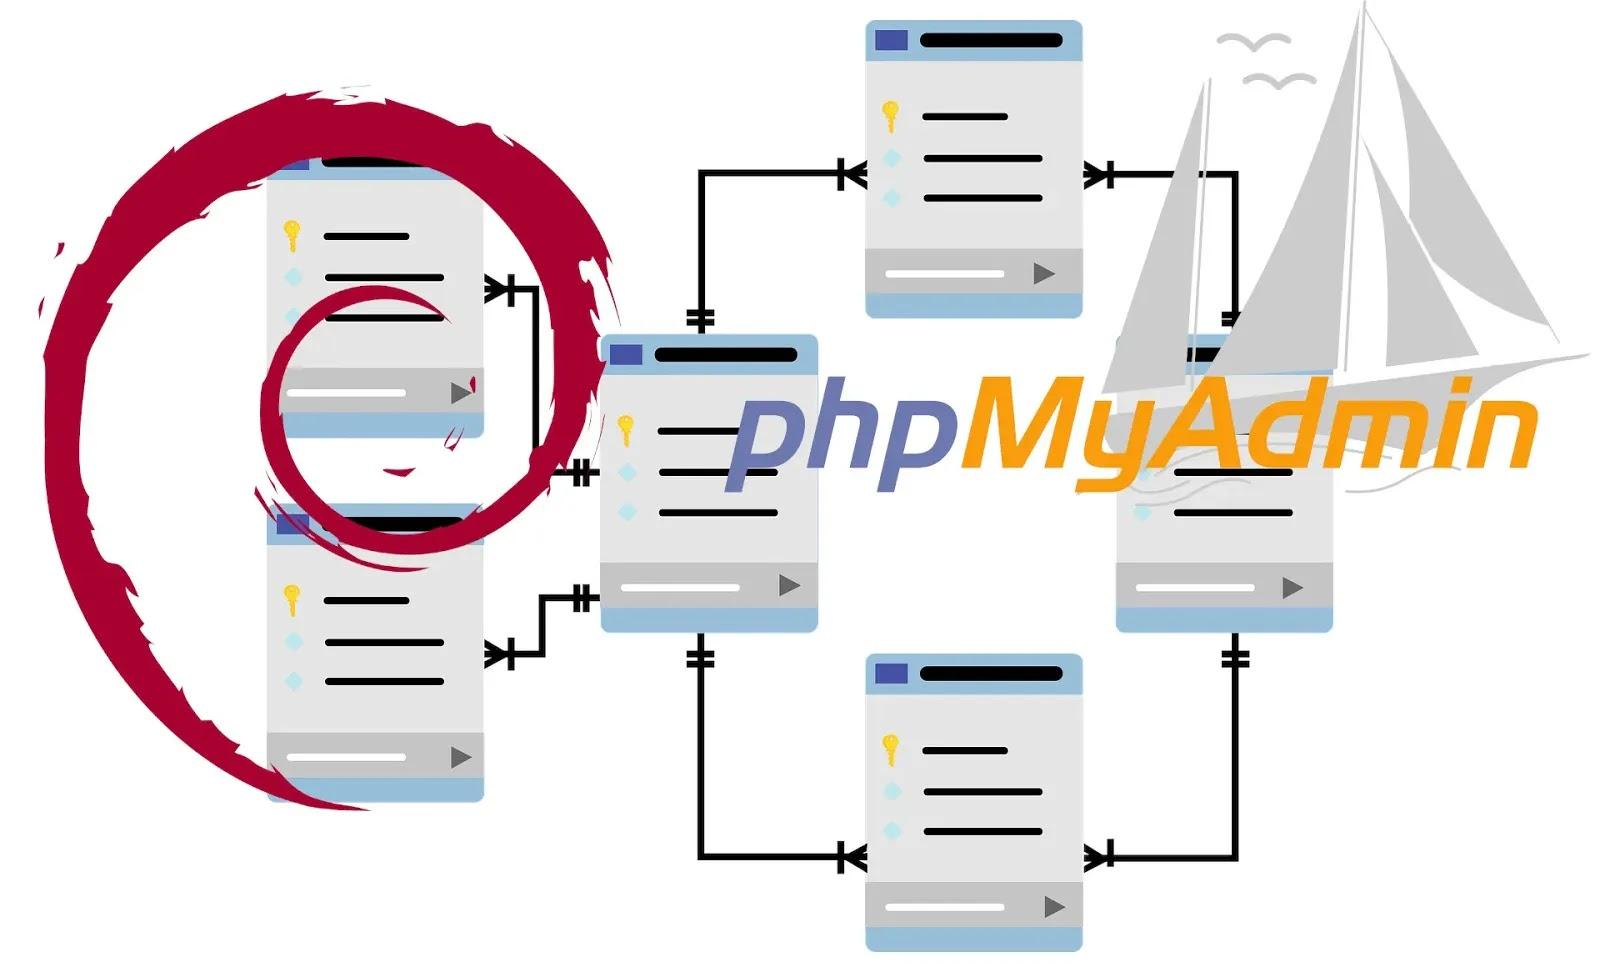 Phpmyadmin Debian 10 Instalasi dan konfigurasi di mariadb dan Nginx